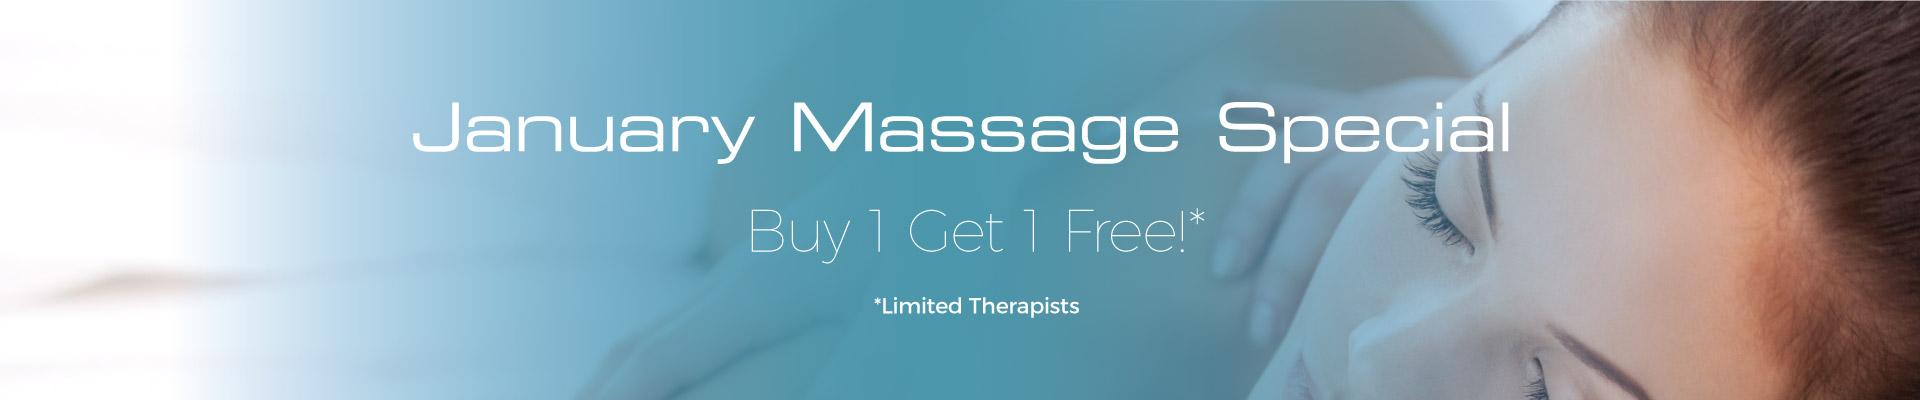 Massage-Special-Slide-vs2